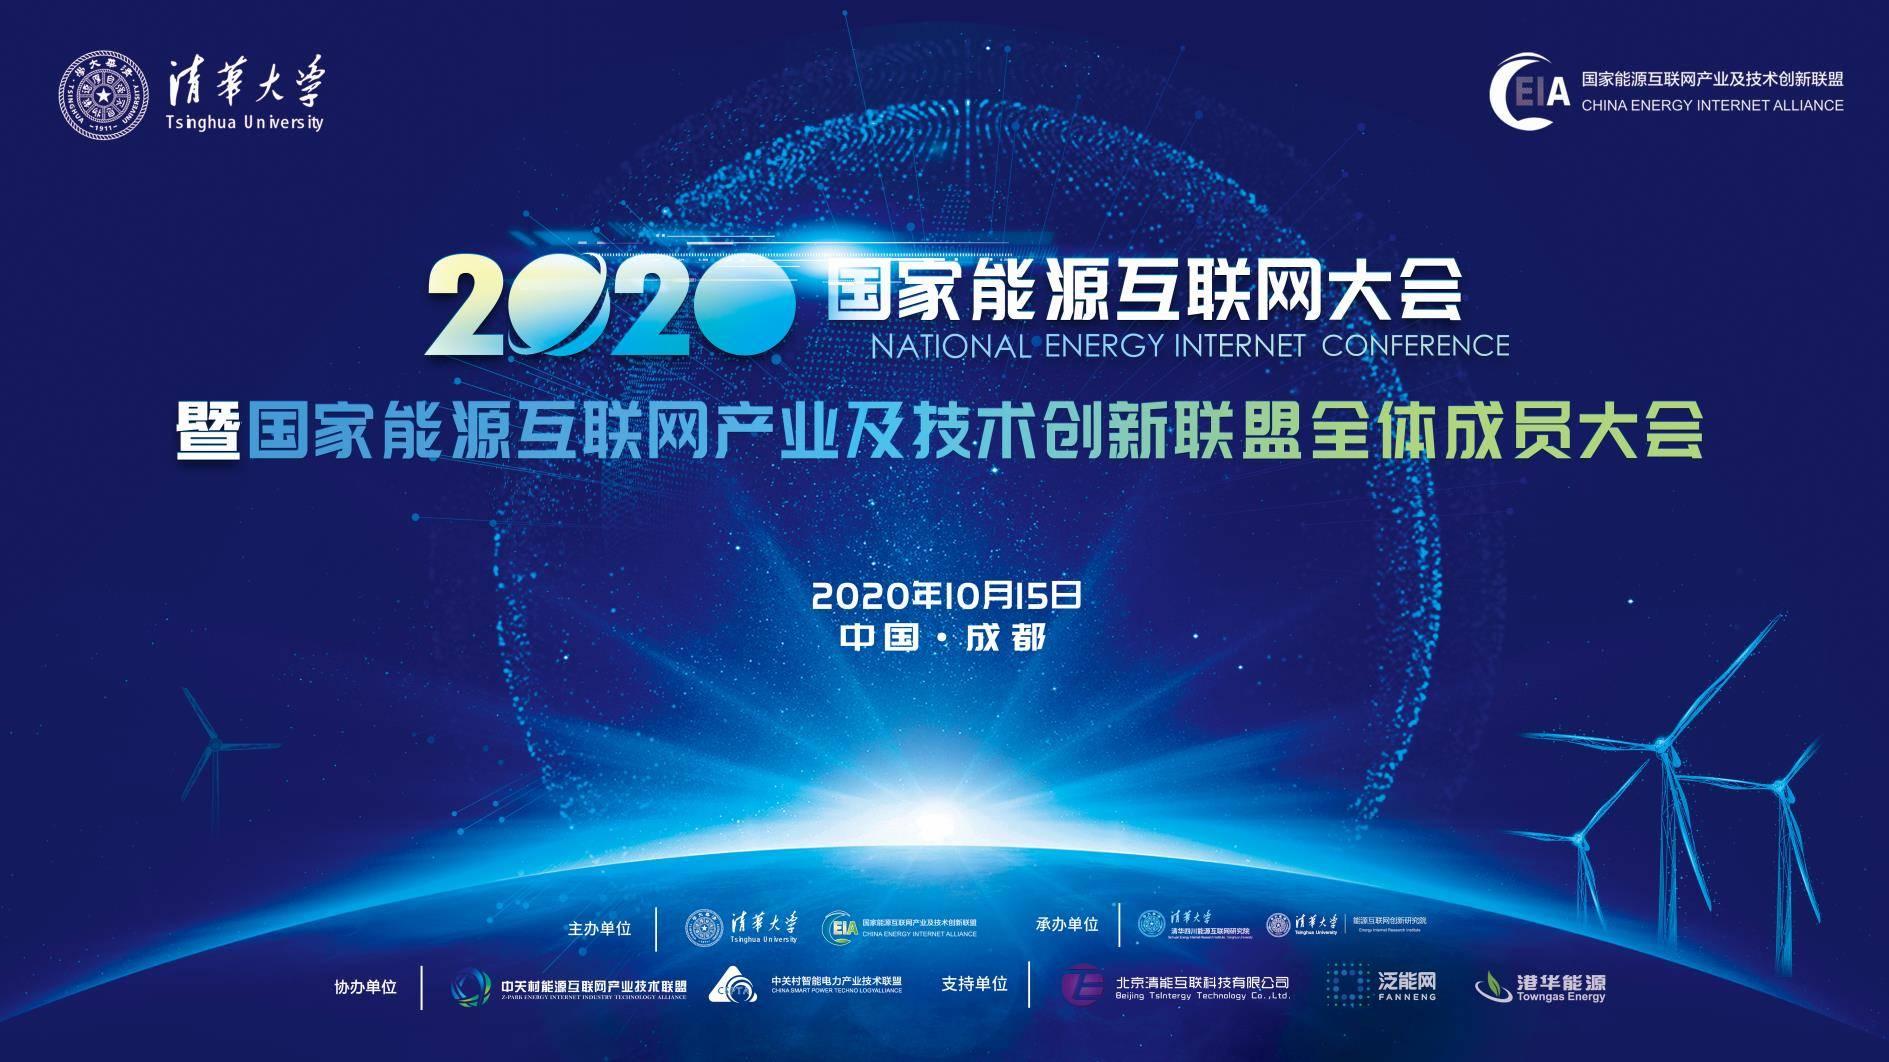 2020国家能源互联网大会暨国家能源互联网产业及技术创新联盟全体成员大会